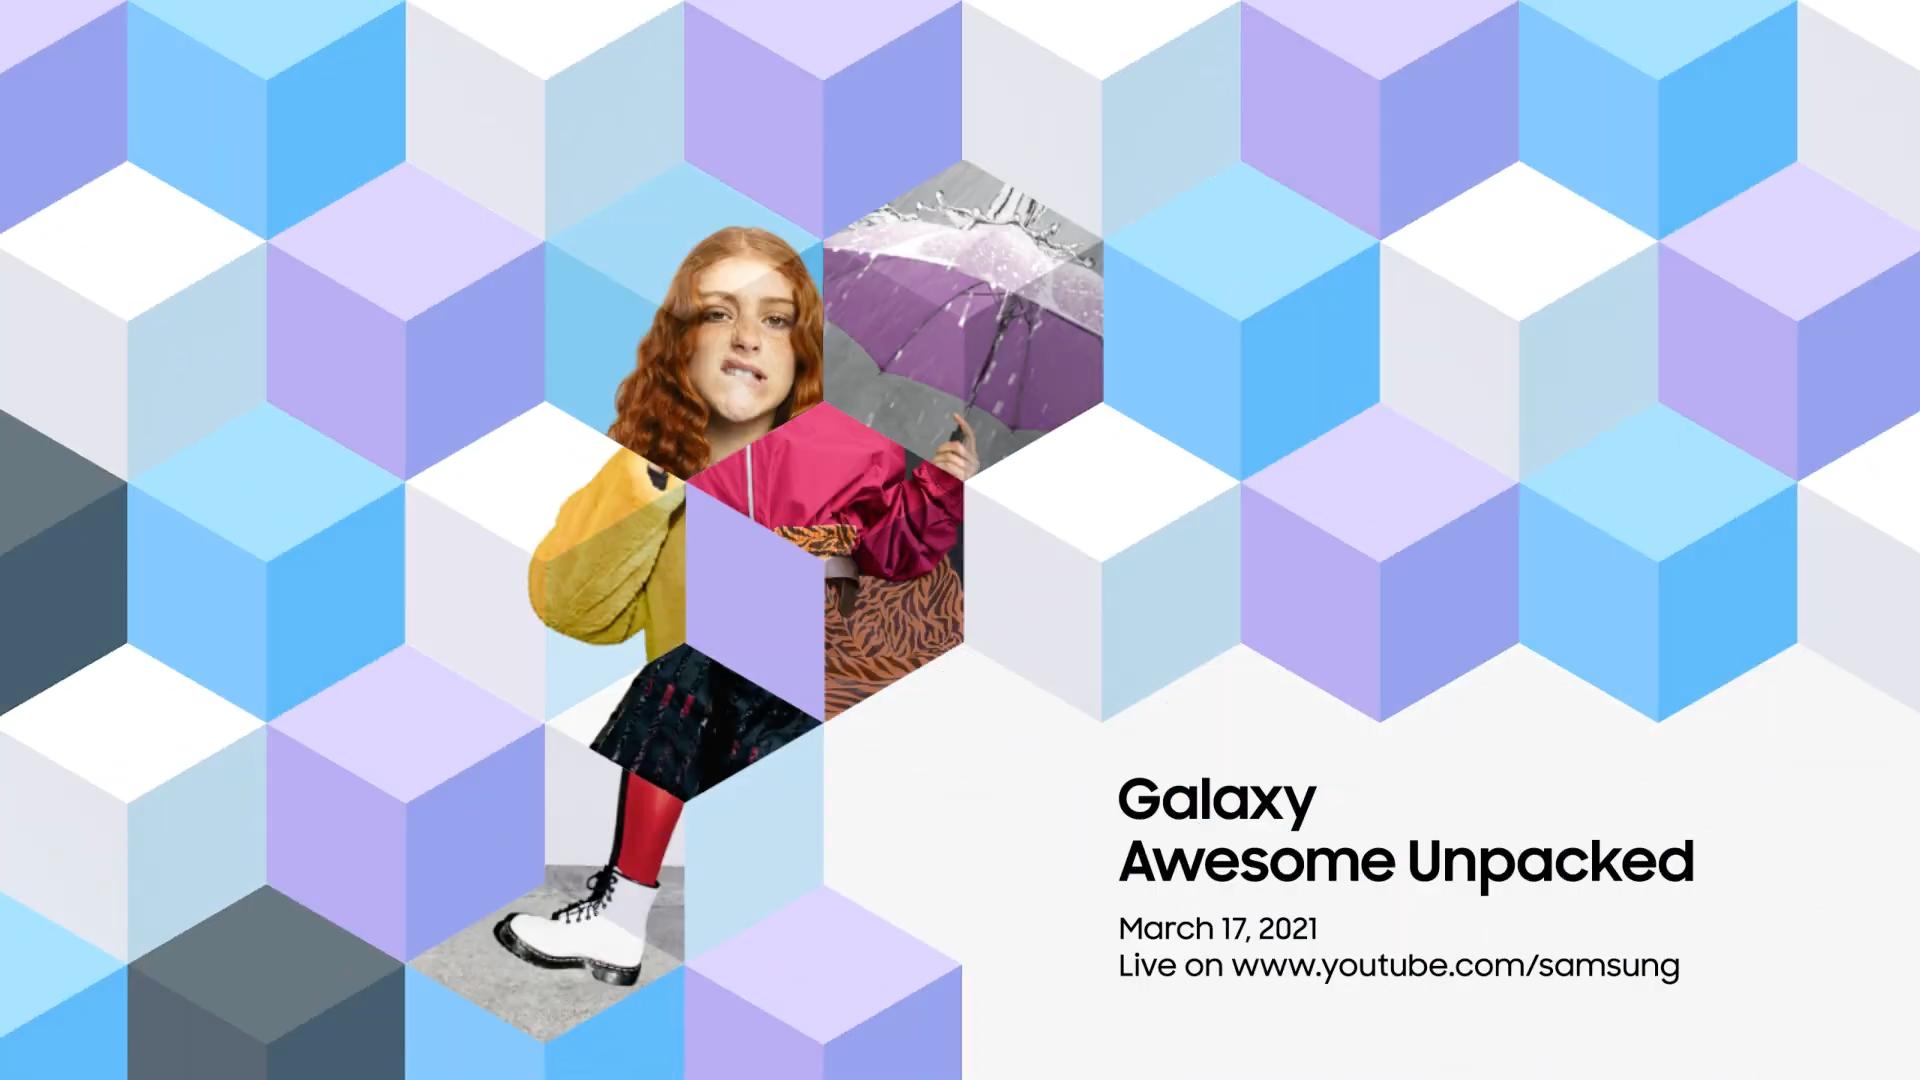 Samsung объявила о мероприятии Galaxy Awesome Unpacked 17 марта: ждём Galaxy A52 и Galaxy A72